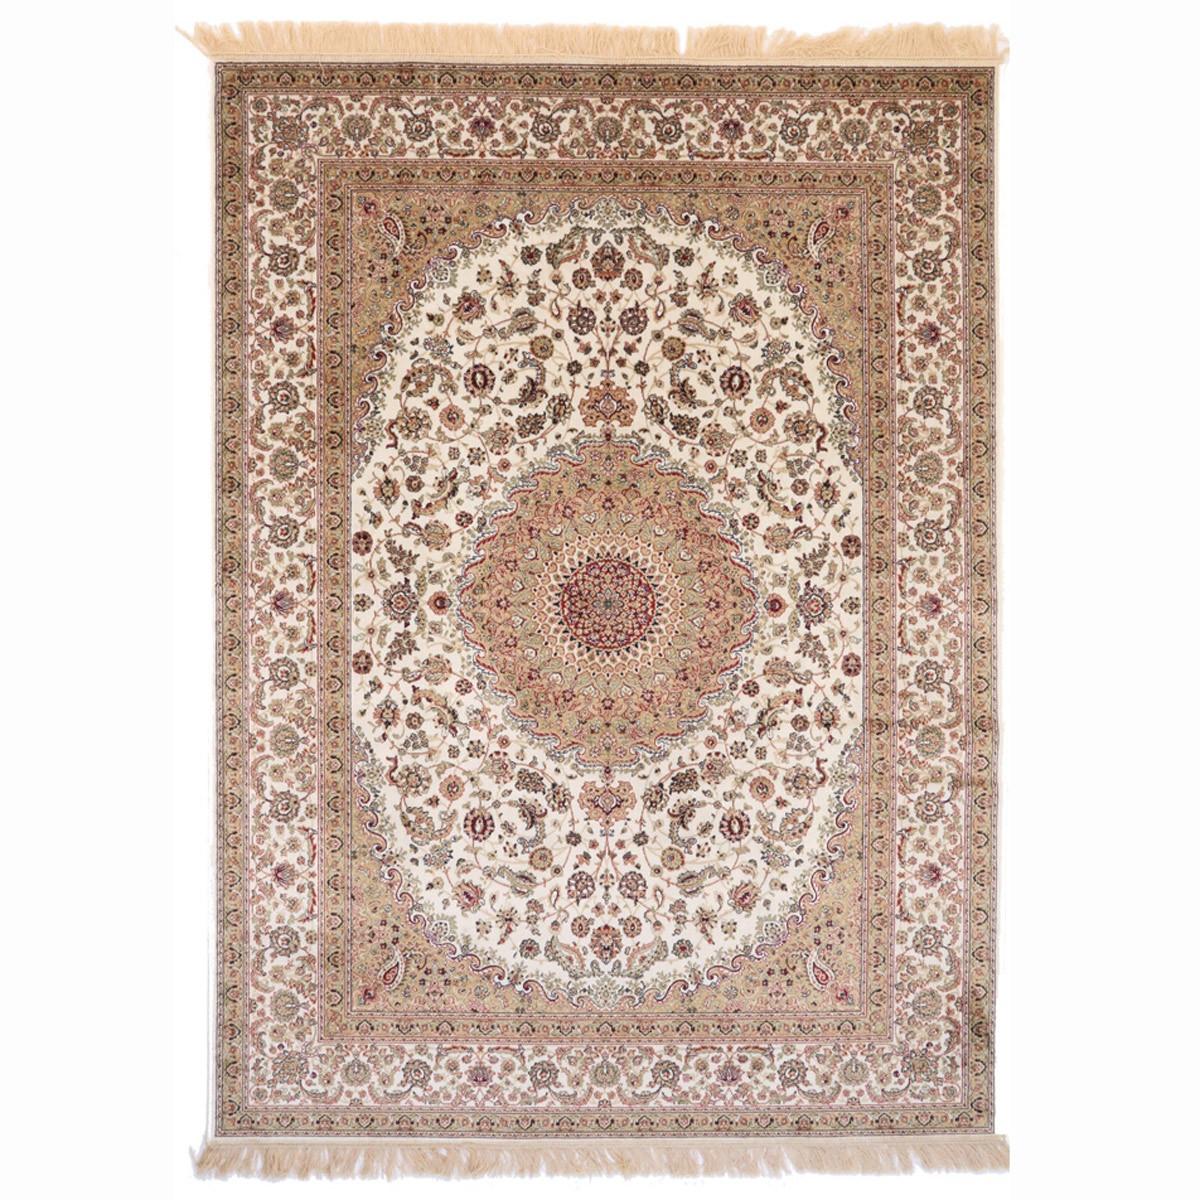 Χαλιά Κρεβατοκάμαρας (Σετ 3τμχ) Royal Carpets Rubine 396 Ivory home   χαλιά   χαλιά κρεβατοκάμαρας